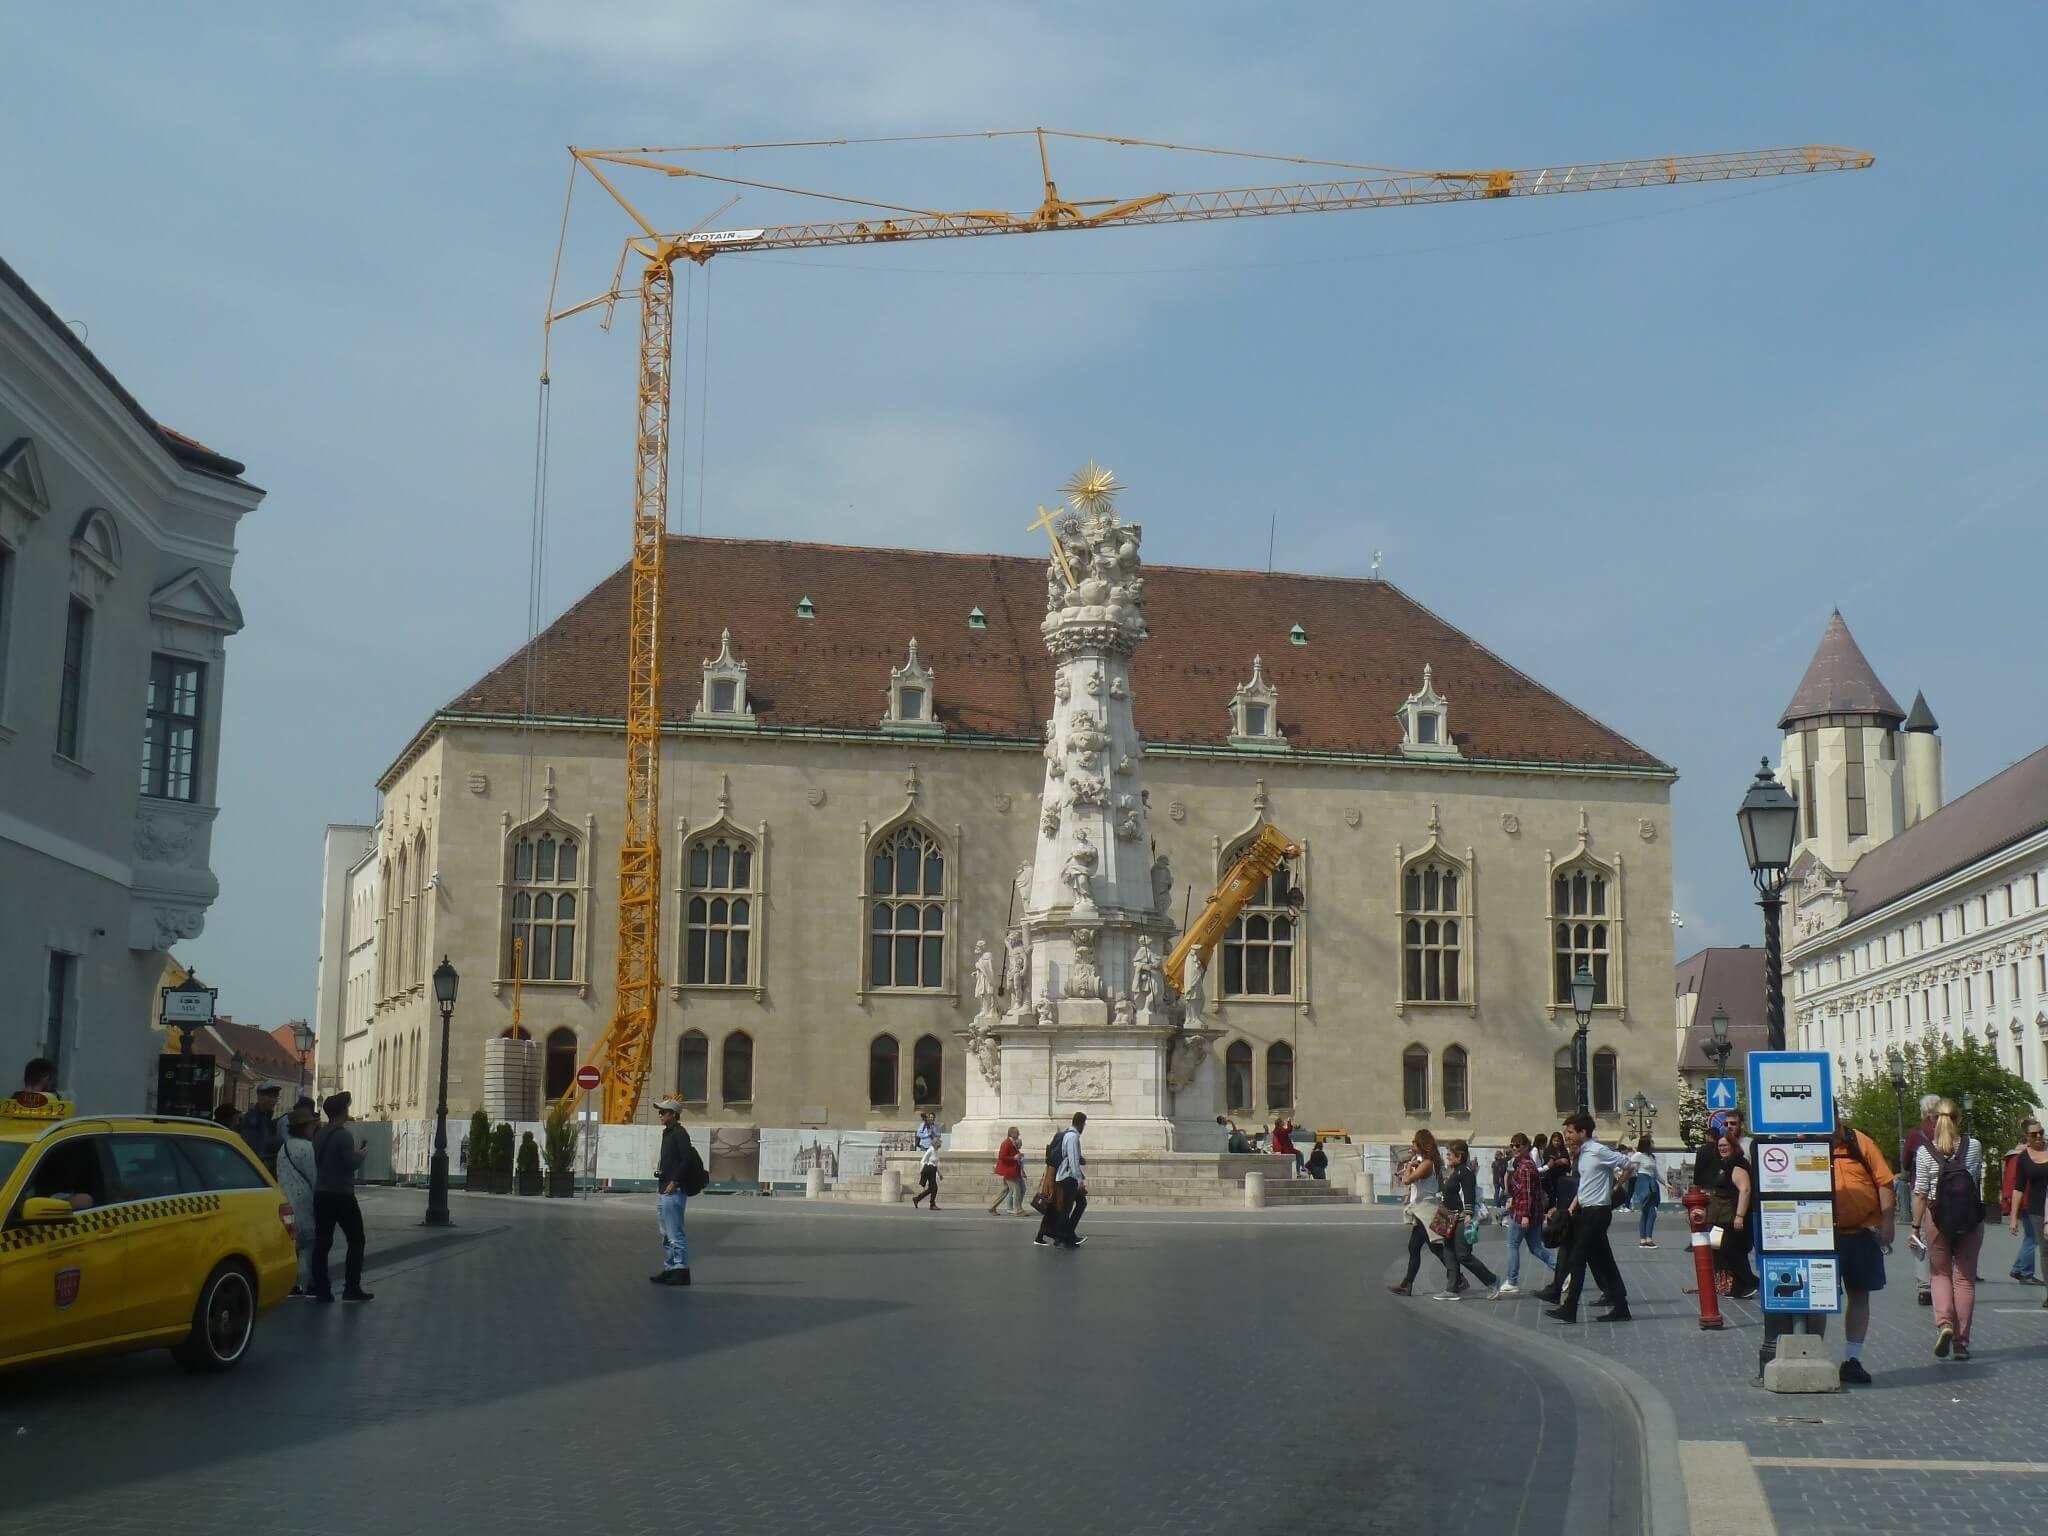 Ütemterv szerint halad a Pénzügyminisztérium építése: munkába állt az első toronydaru